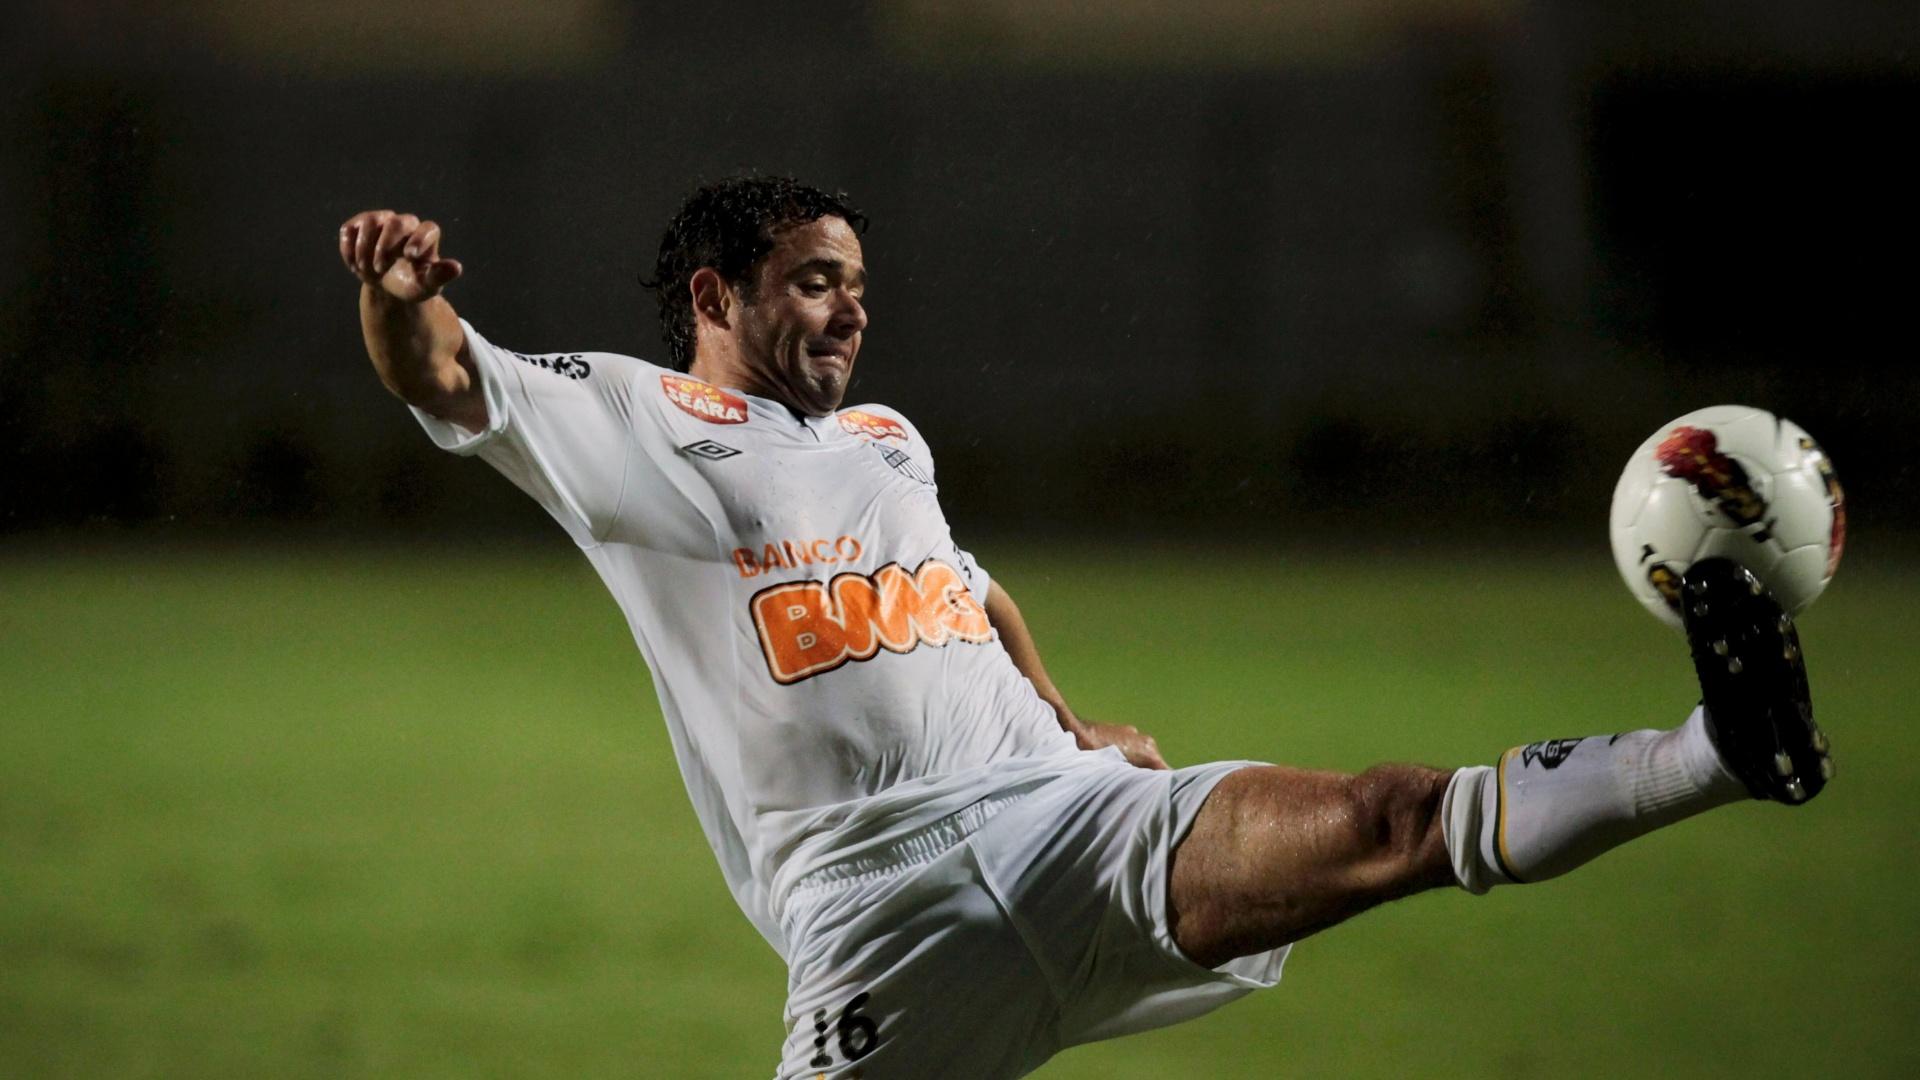 Juan se estica para alcançar a bola durante o jogo entre Santos e Juan Aurich, pela Libertadores